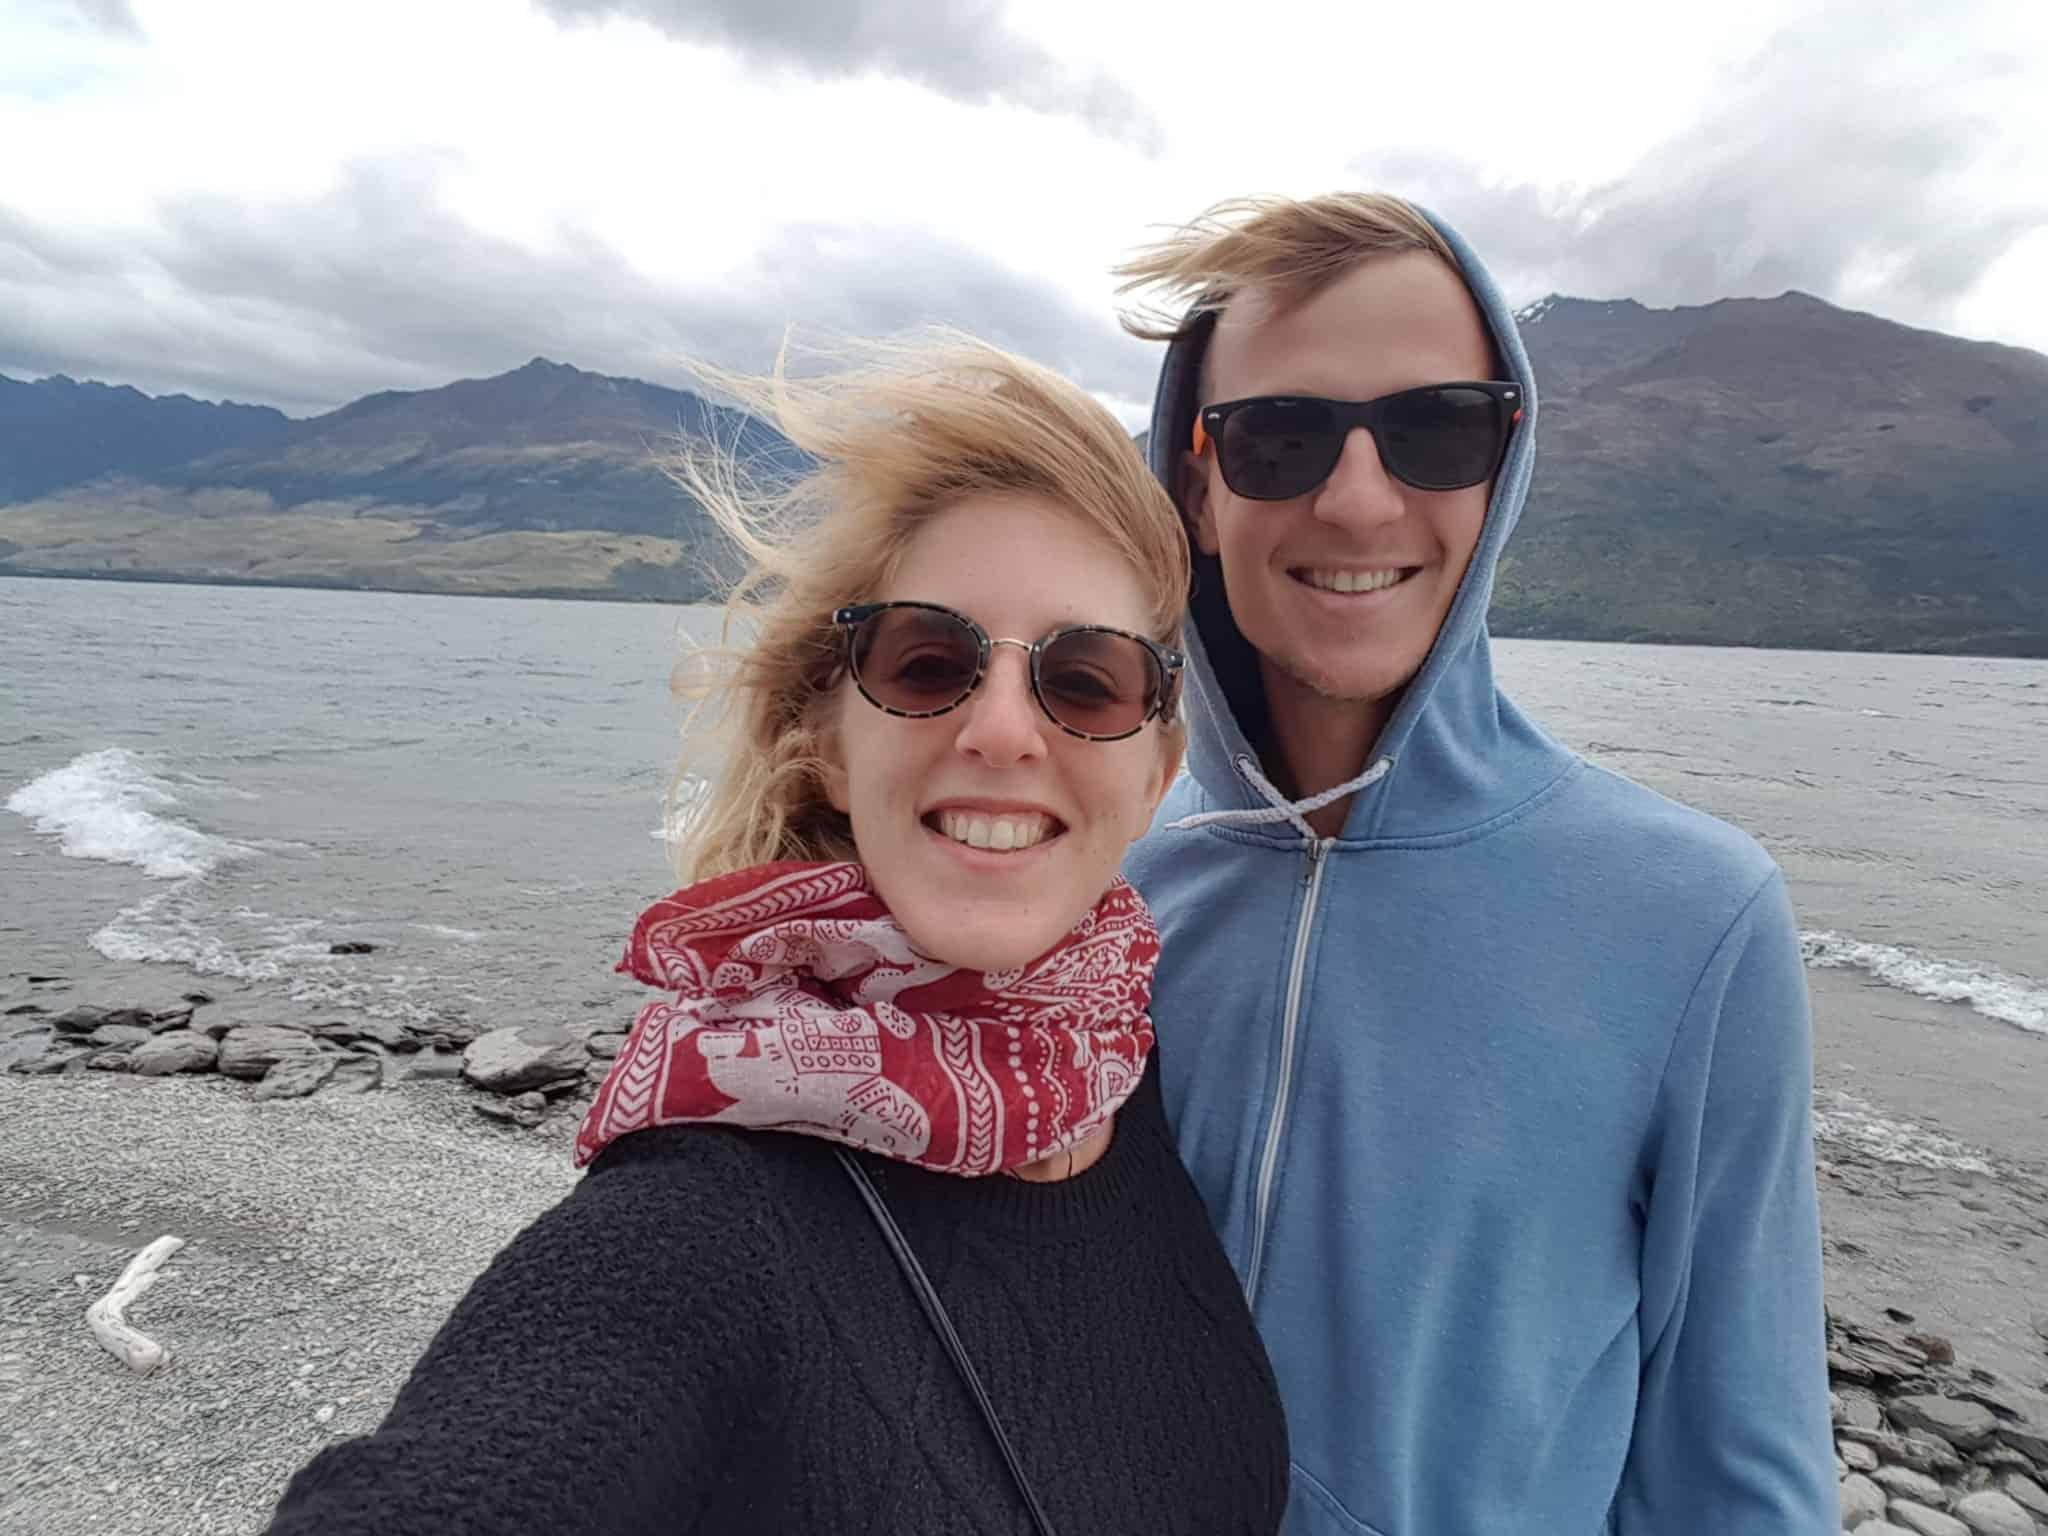 Nouvelle-Zélande, la sublime route de Wanaka entre lacs et montagnes 😍 15